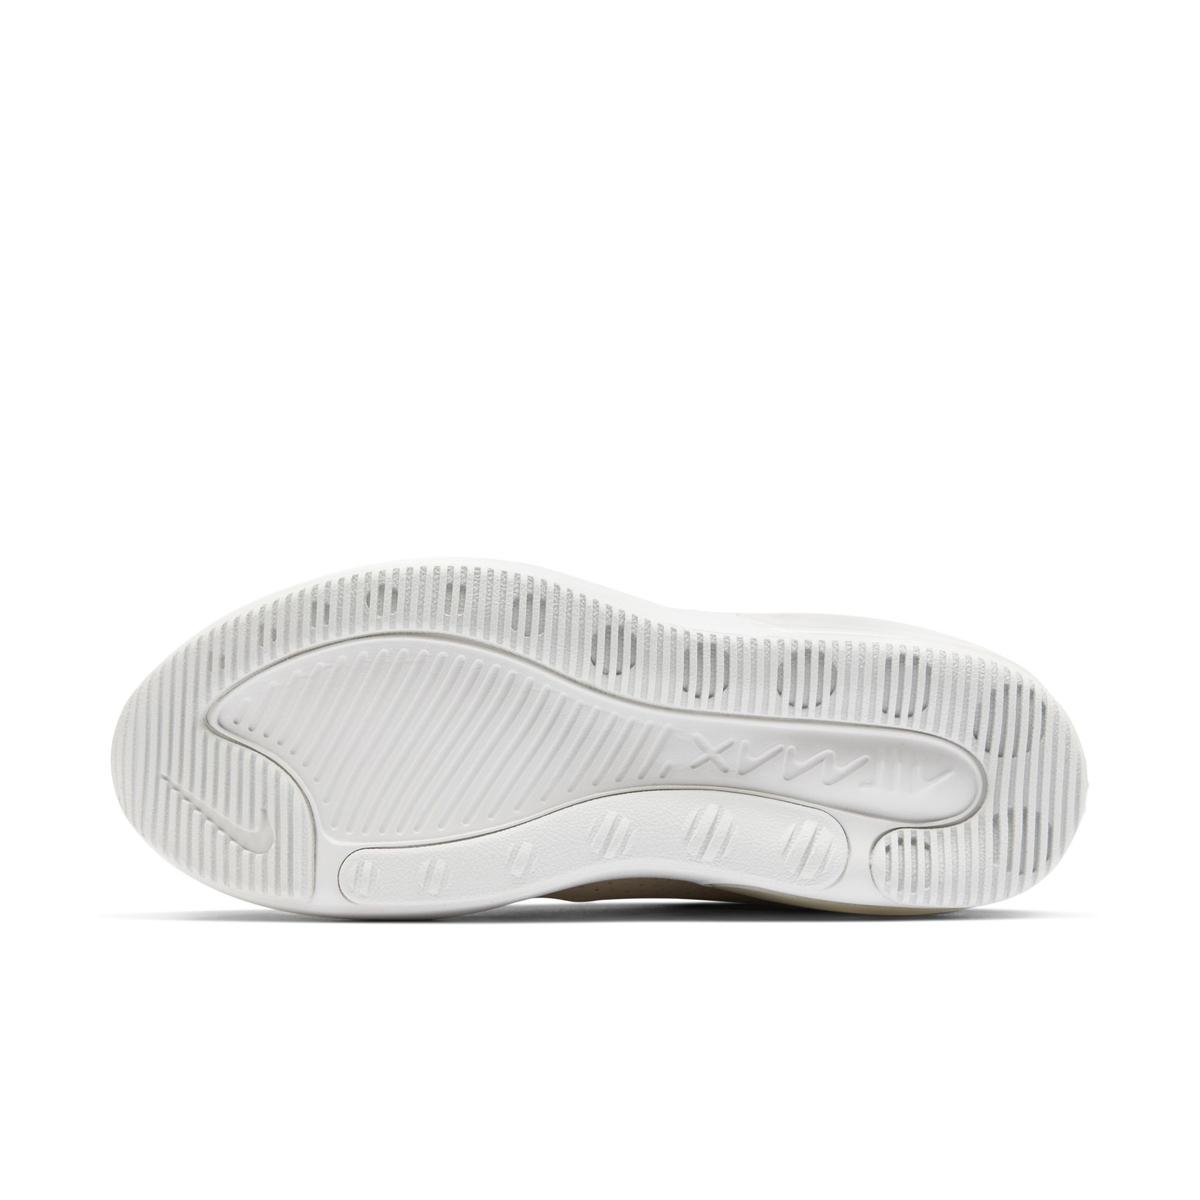 C.P.F.M.,Air Max Dia,Nike,发售 酷似 C.P.F.M. 联名!可爱又增高的 Air Max Dia 又有新配色了!